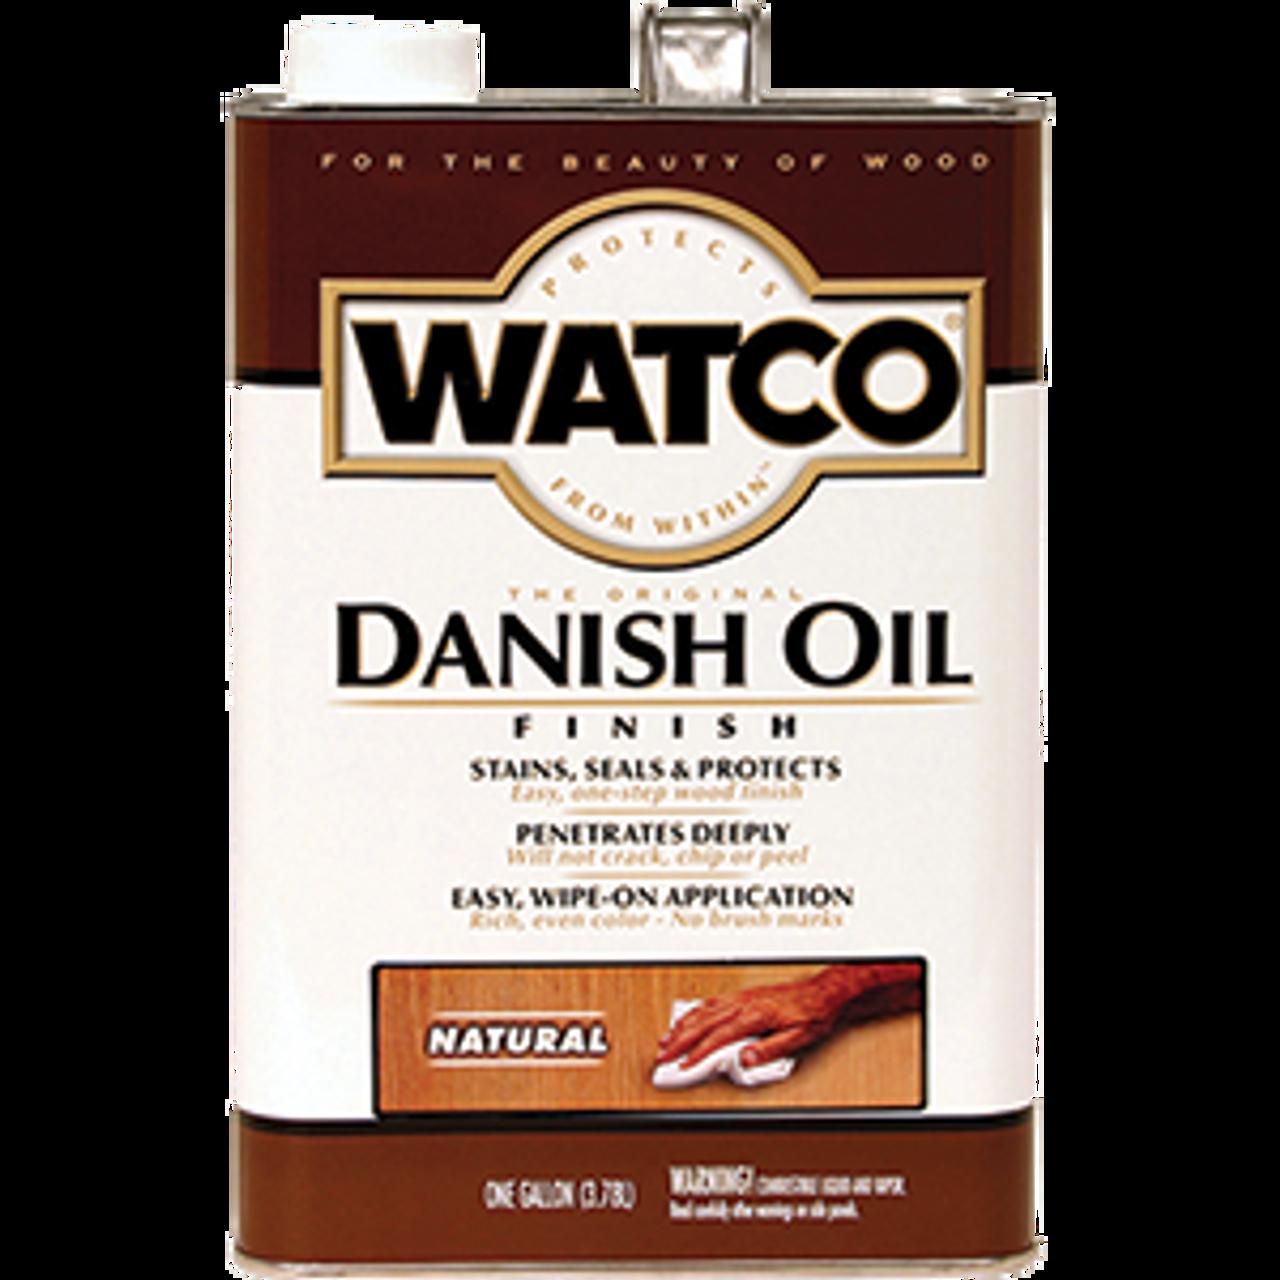 WATCO 65731 1G NATURAL DANISH OIL